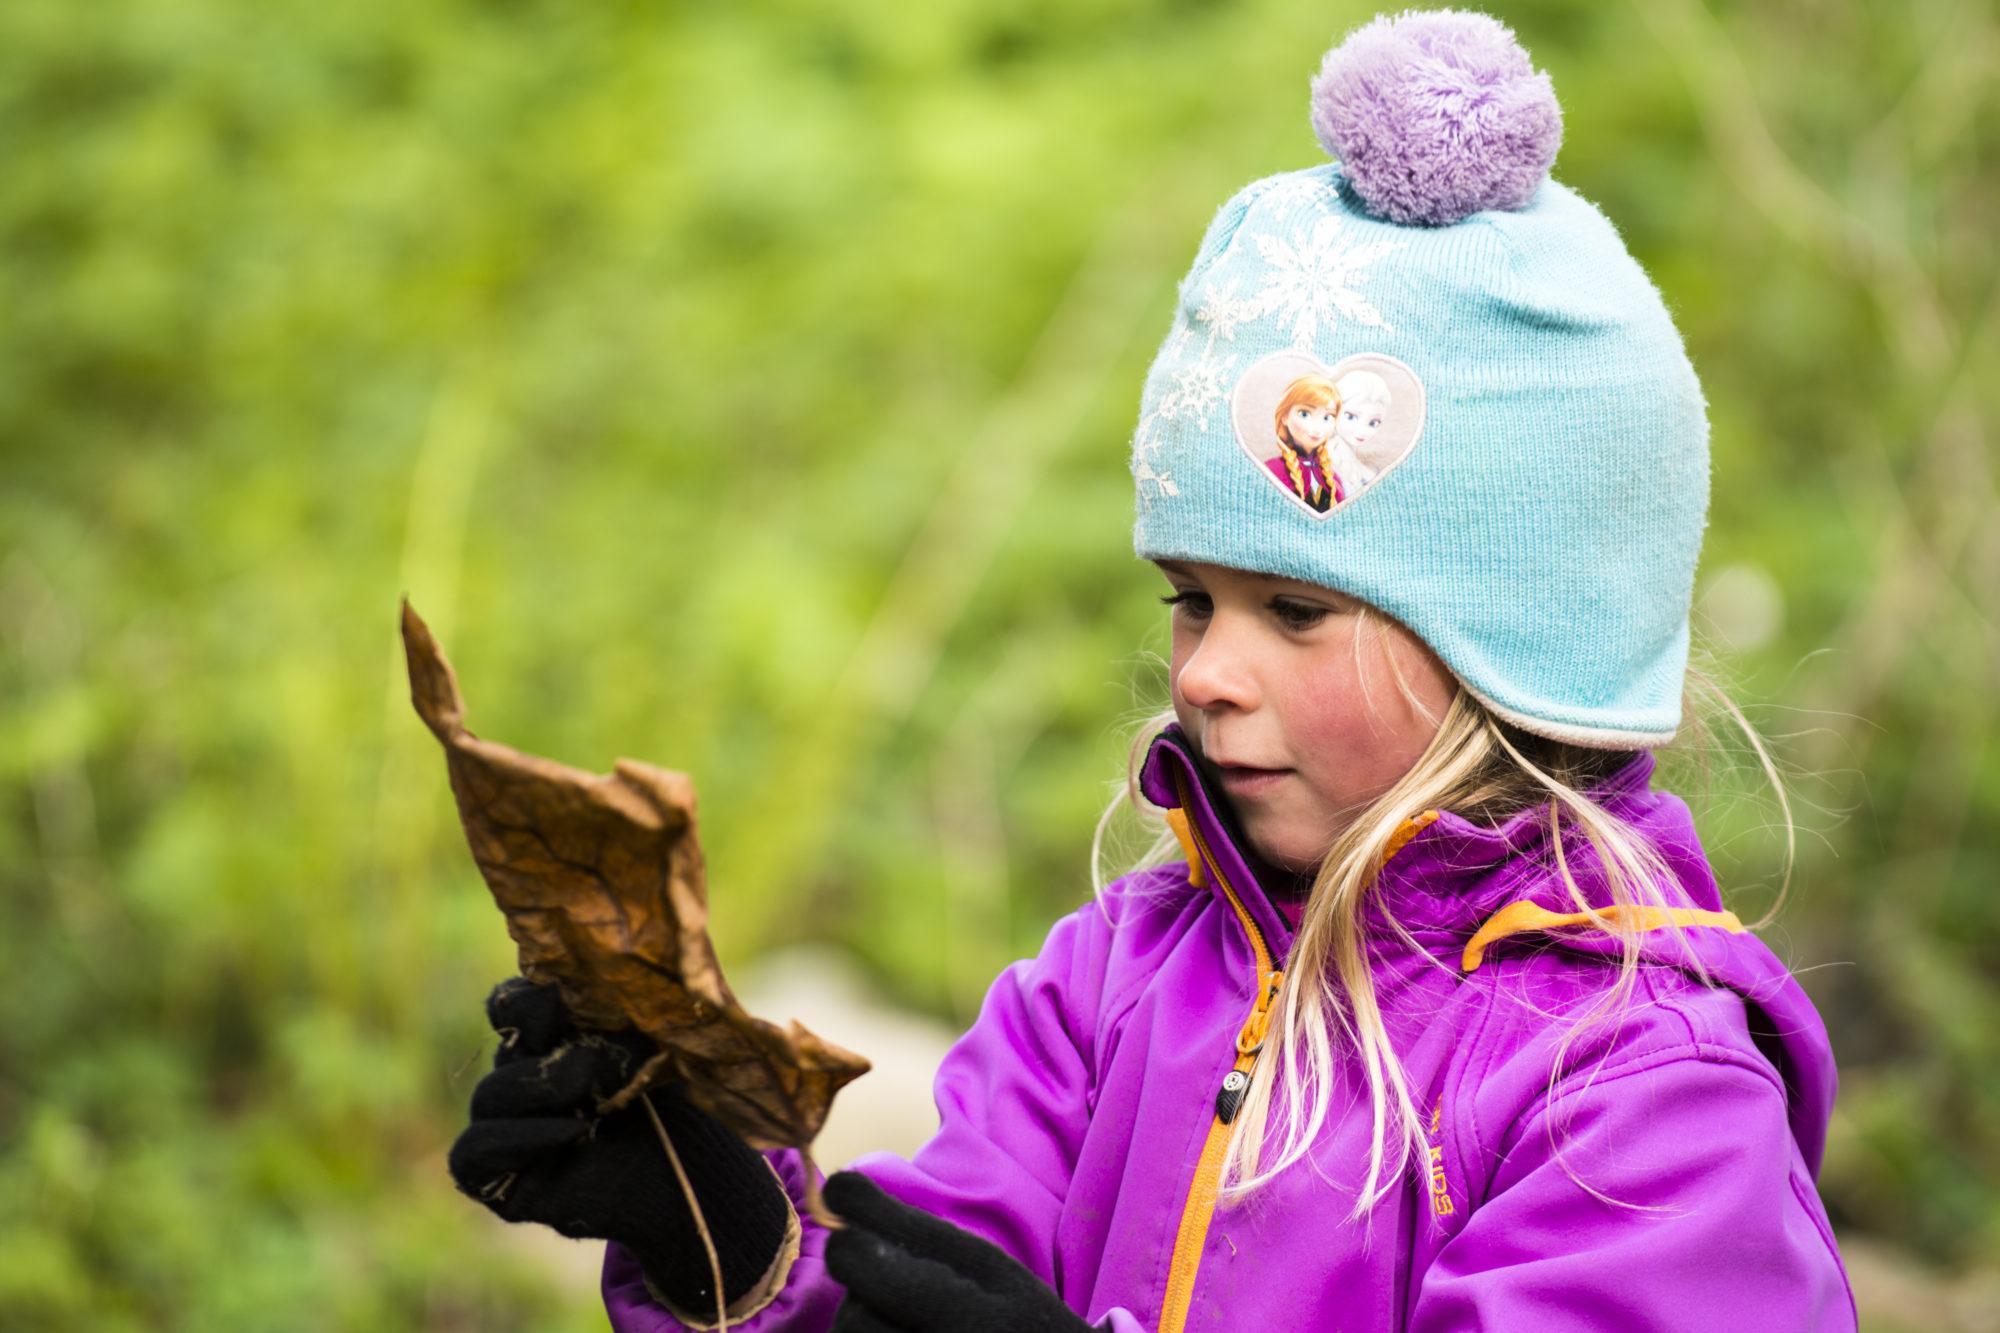 Barnehagebarn studerer løv